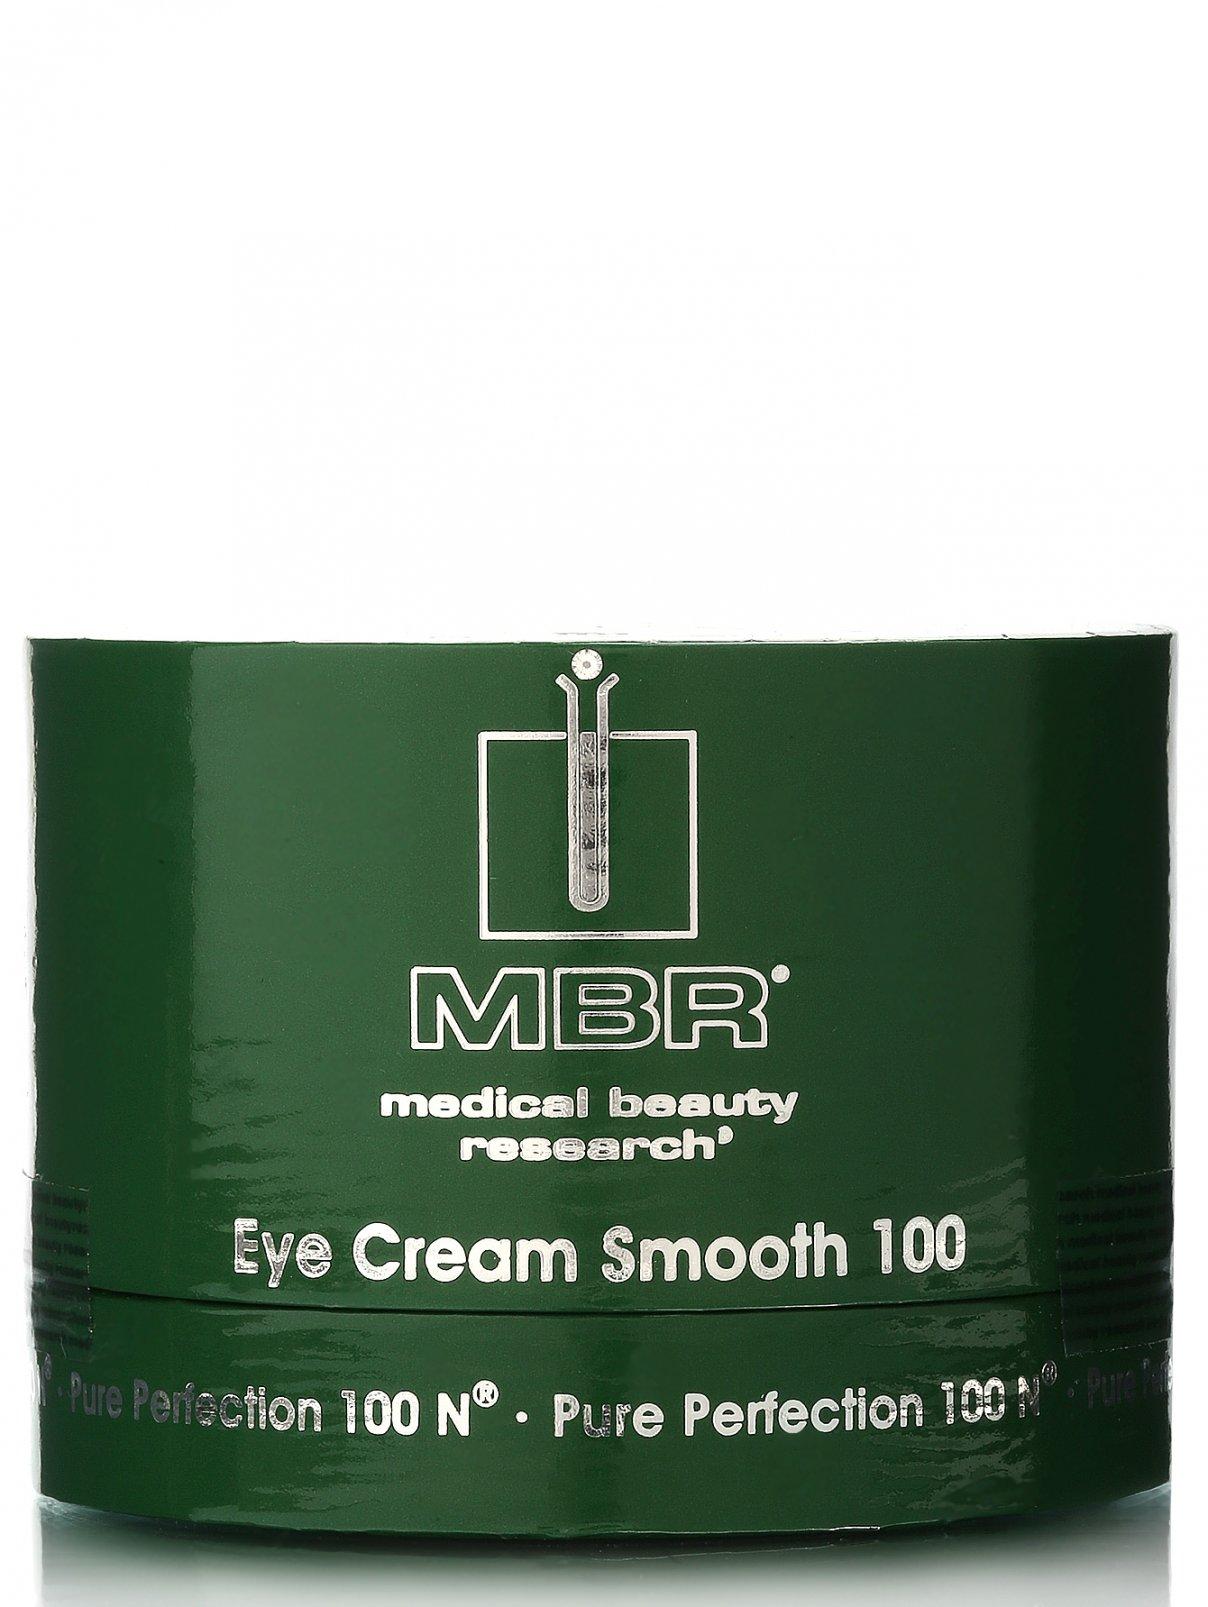 Высокоэффективный легкий крем, для кожи вокруг глаз - Pure Perfection 100, 15ml Medical Beauty Research  –  Модель Общий вид